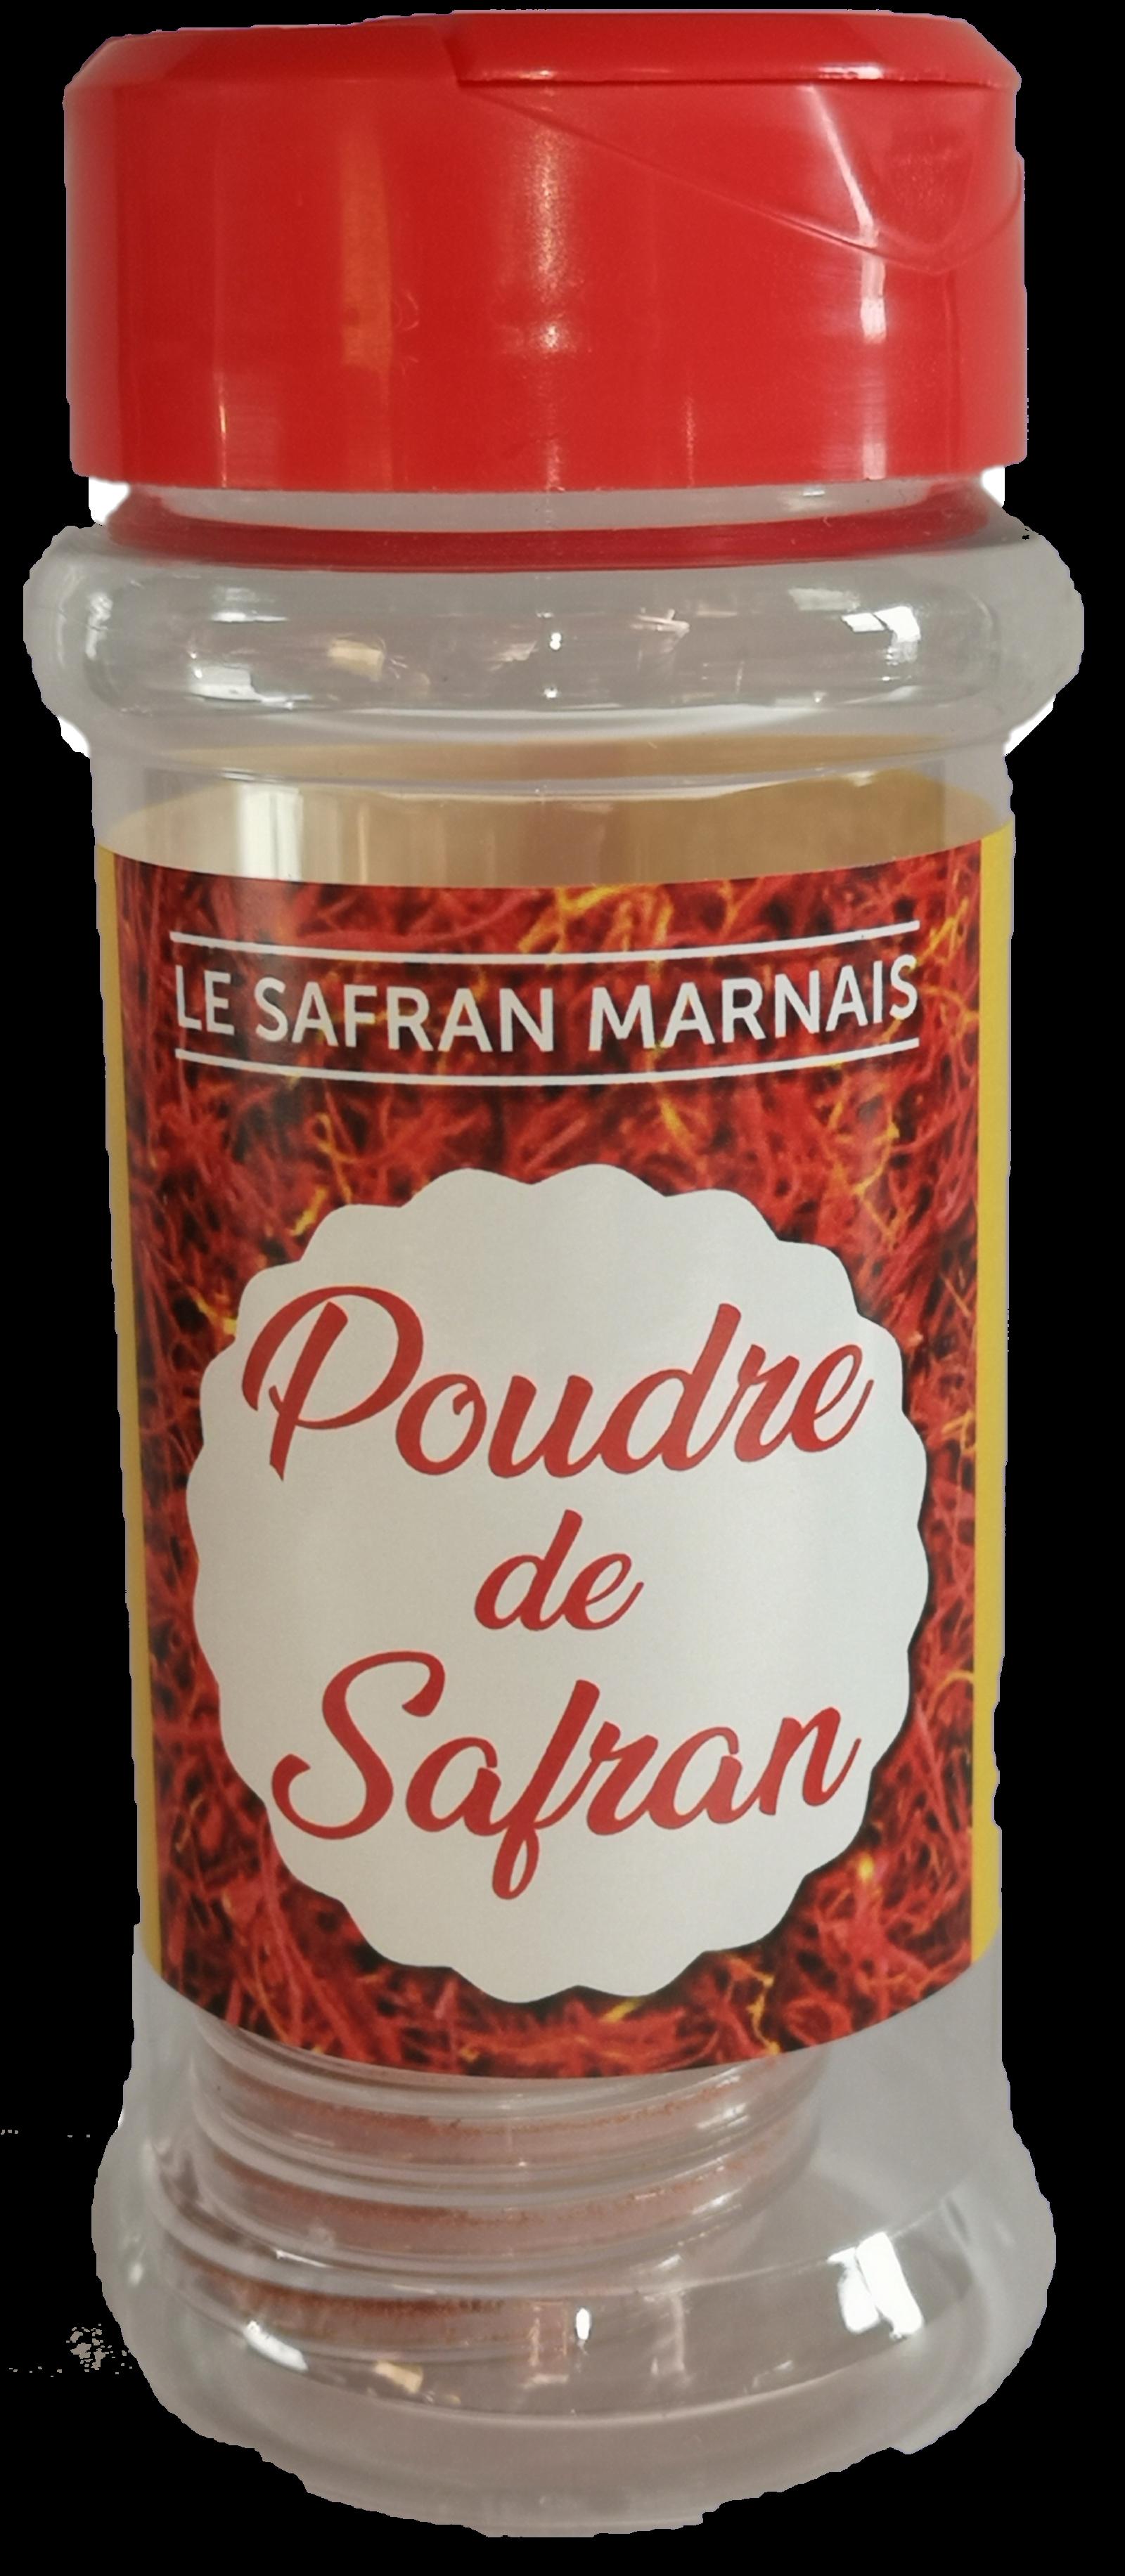 Poudre de Safran